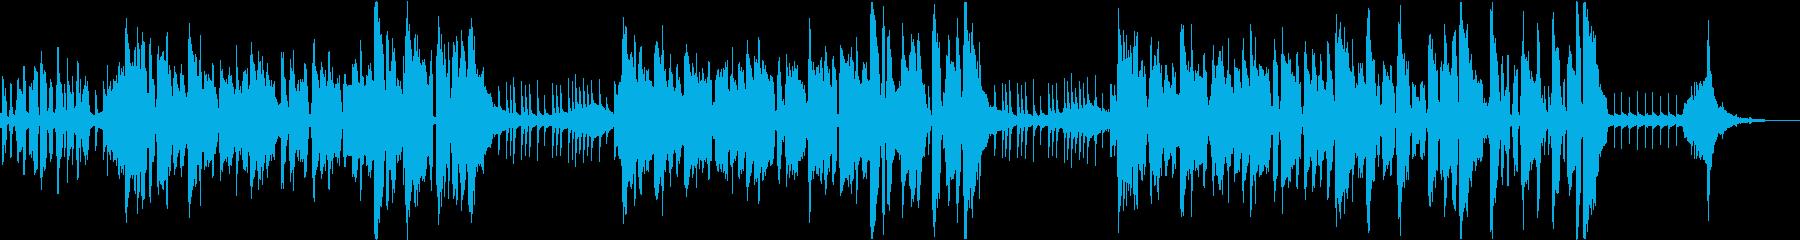 梅雨の食中毒予防をテーマにした楽曲の再生済みの波形